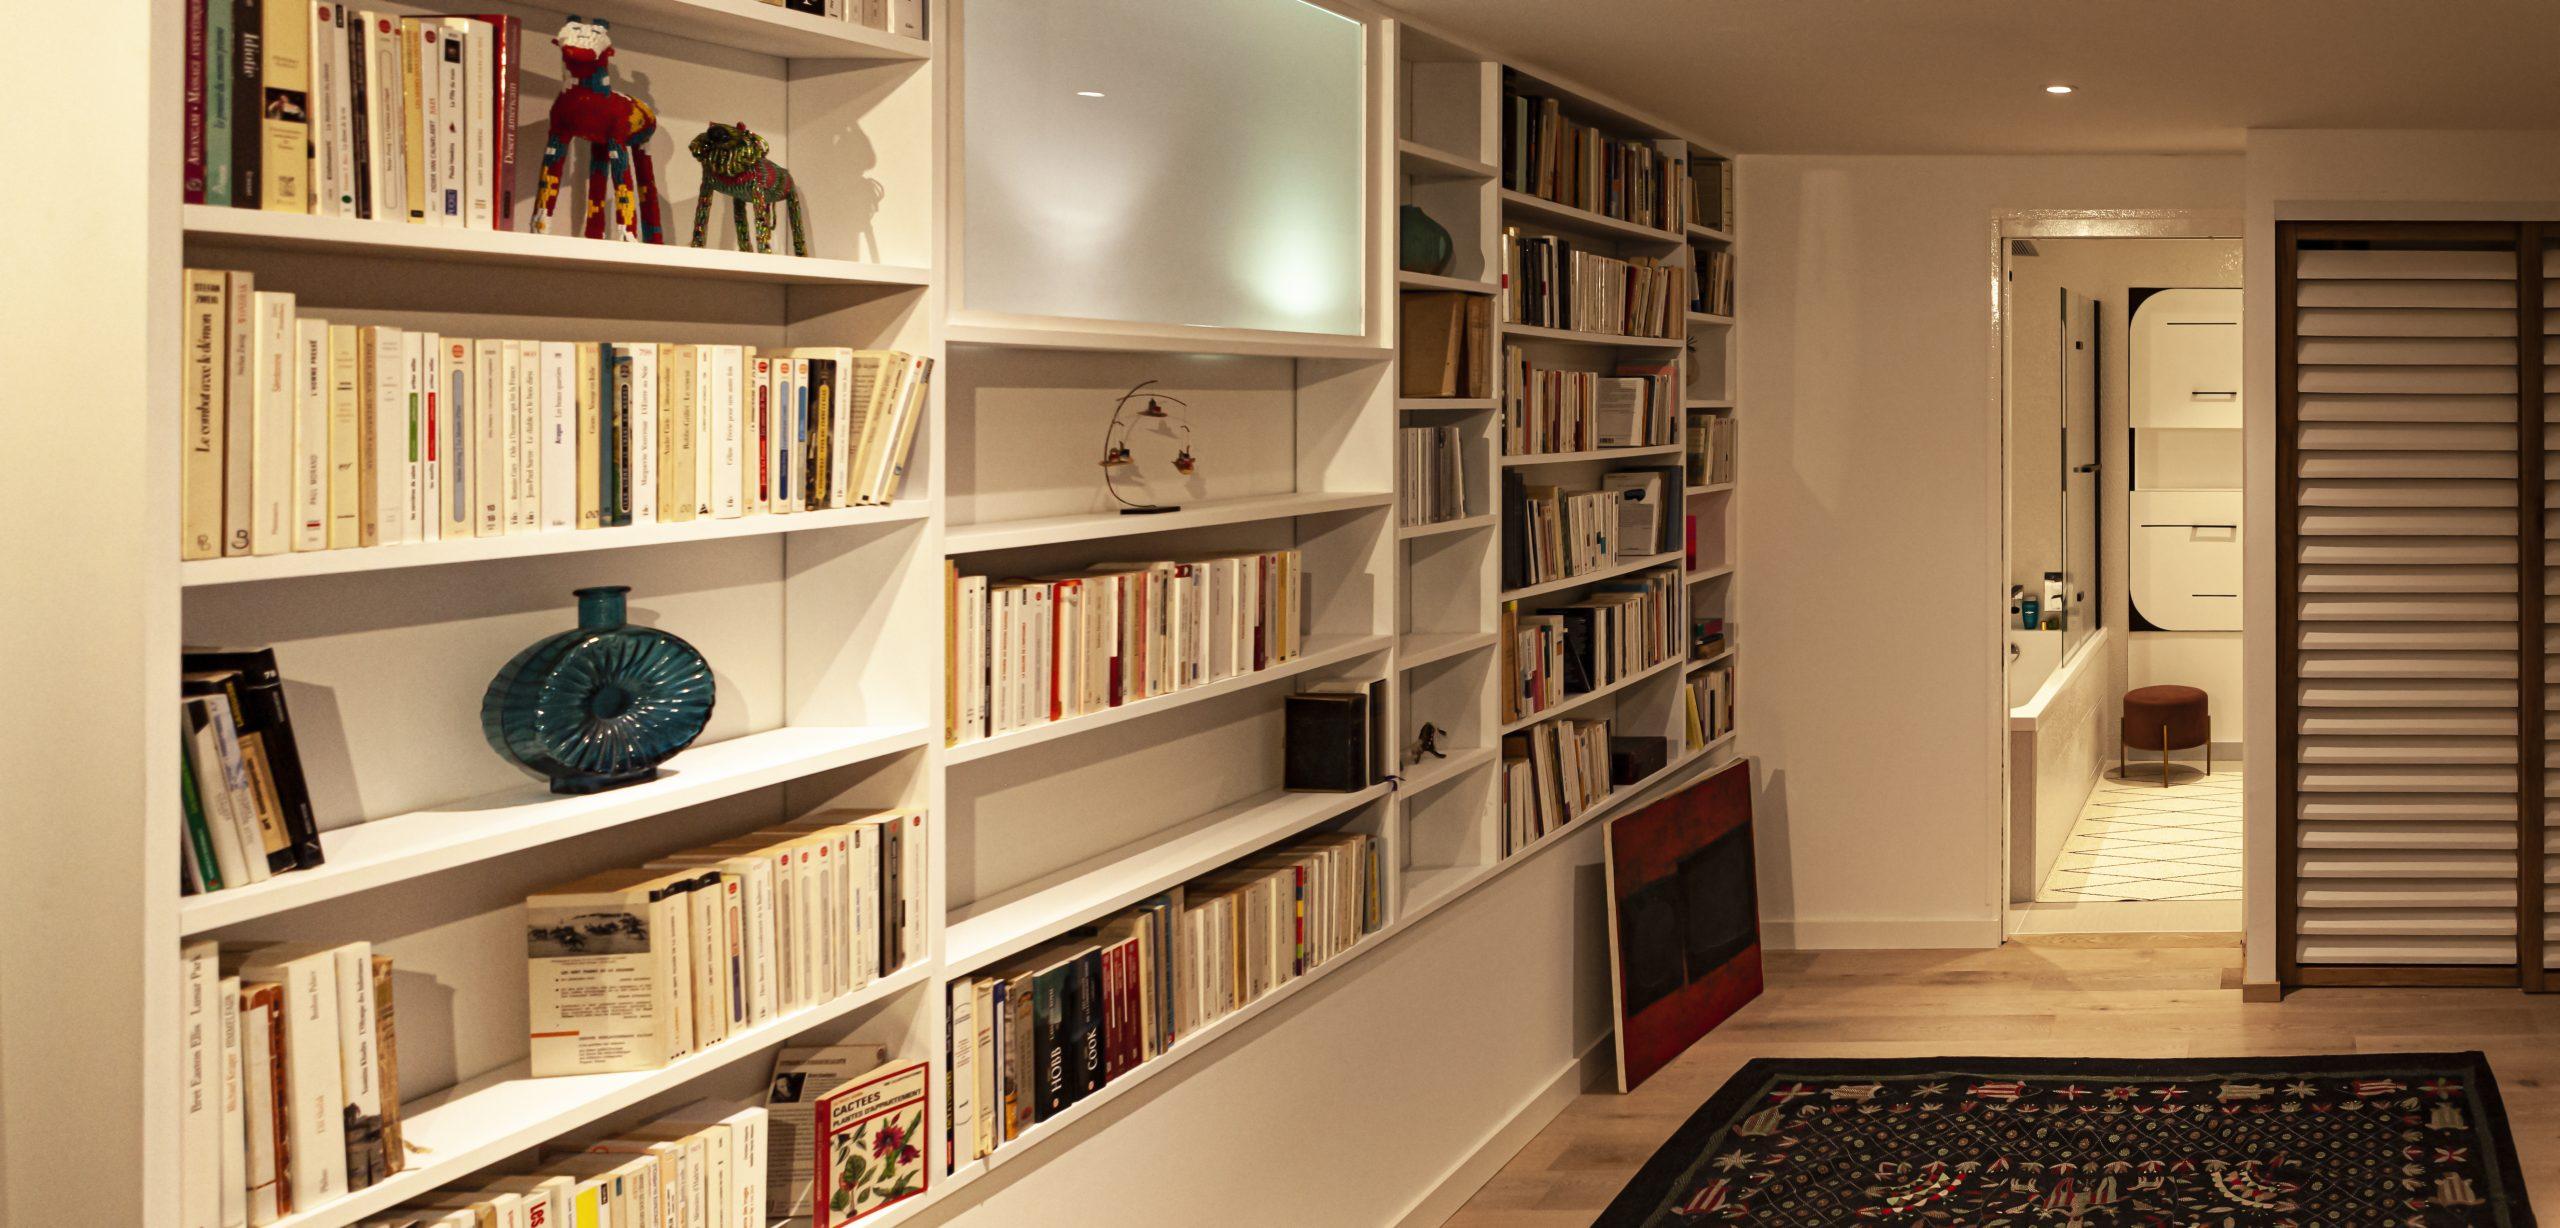 Jo Artisan Designer: des solutions ingénieuses pour meubler votre intérieur!